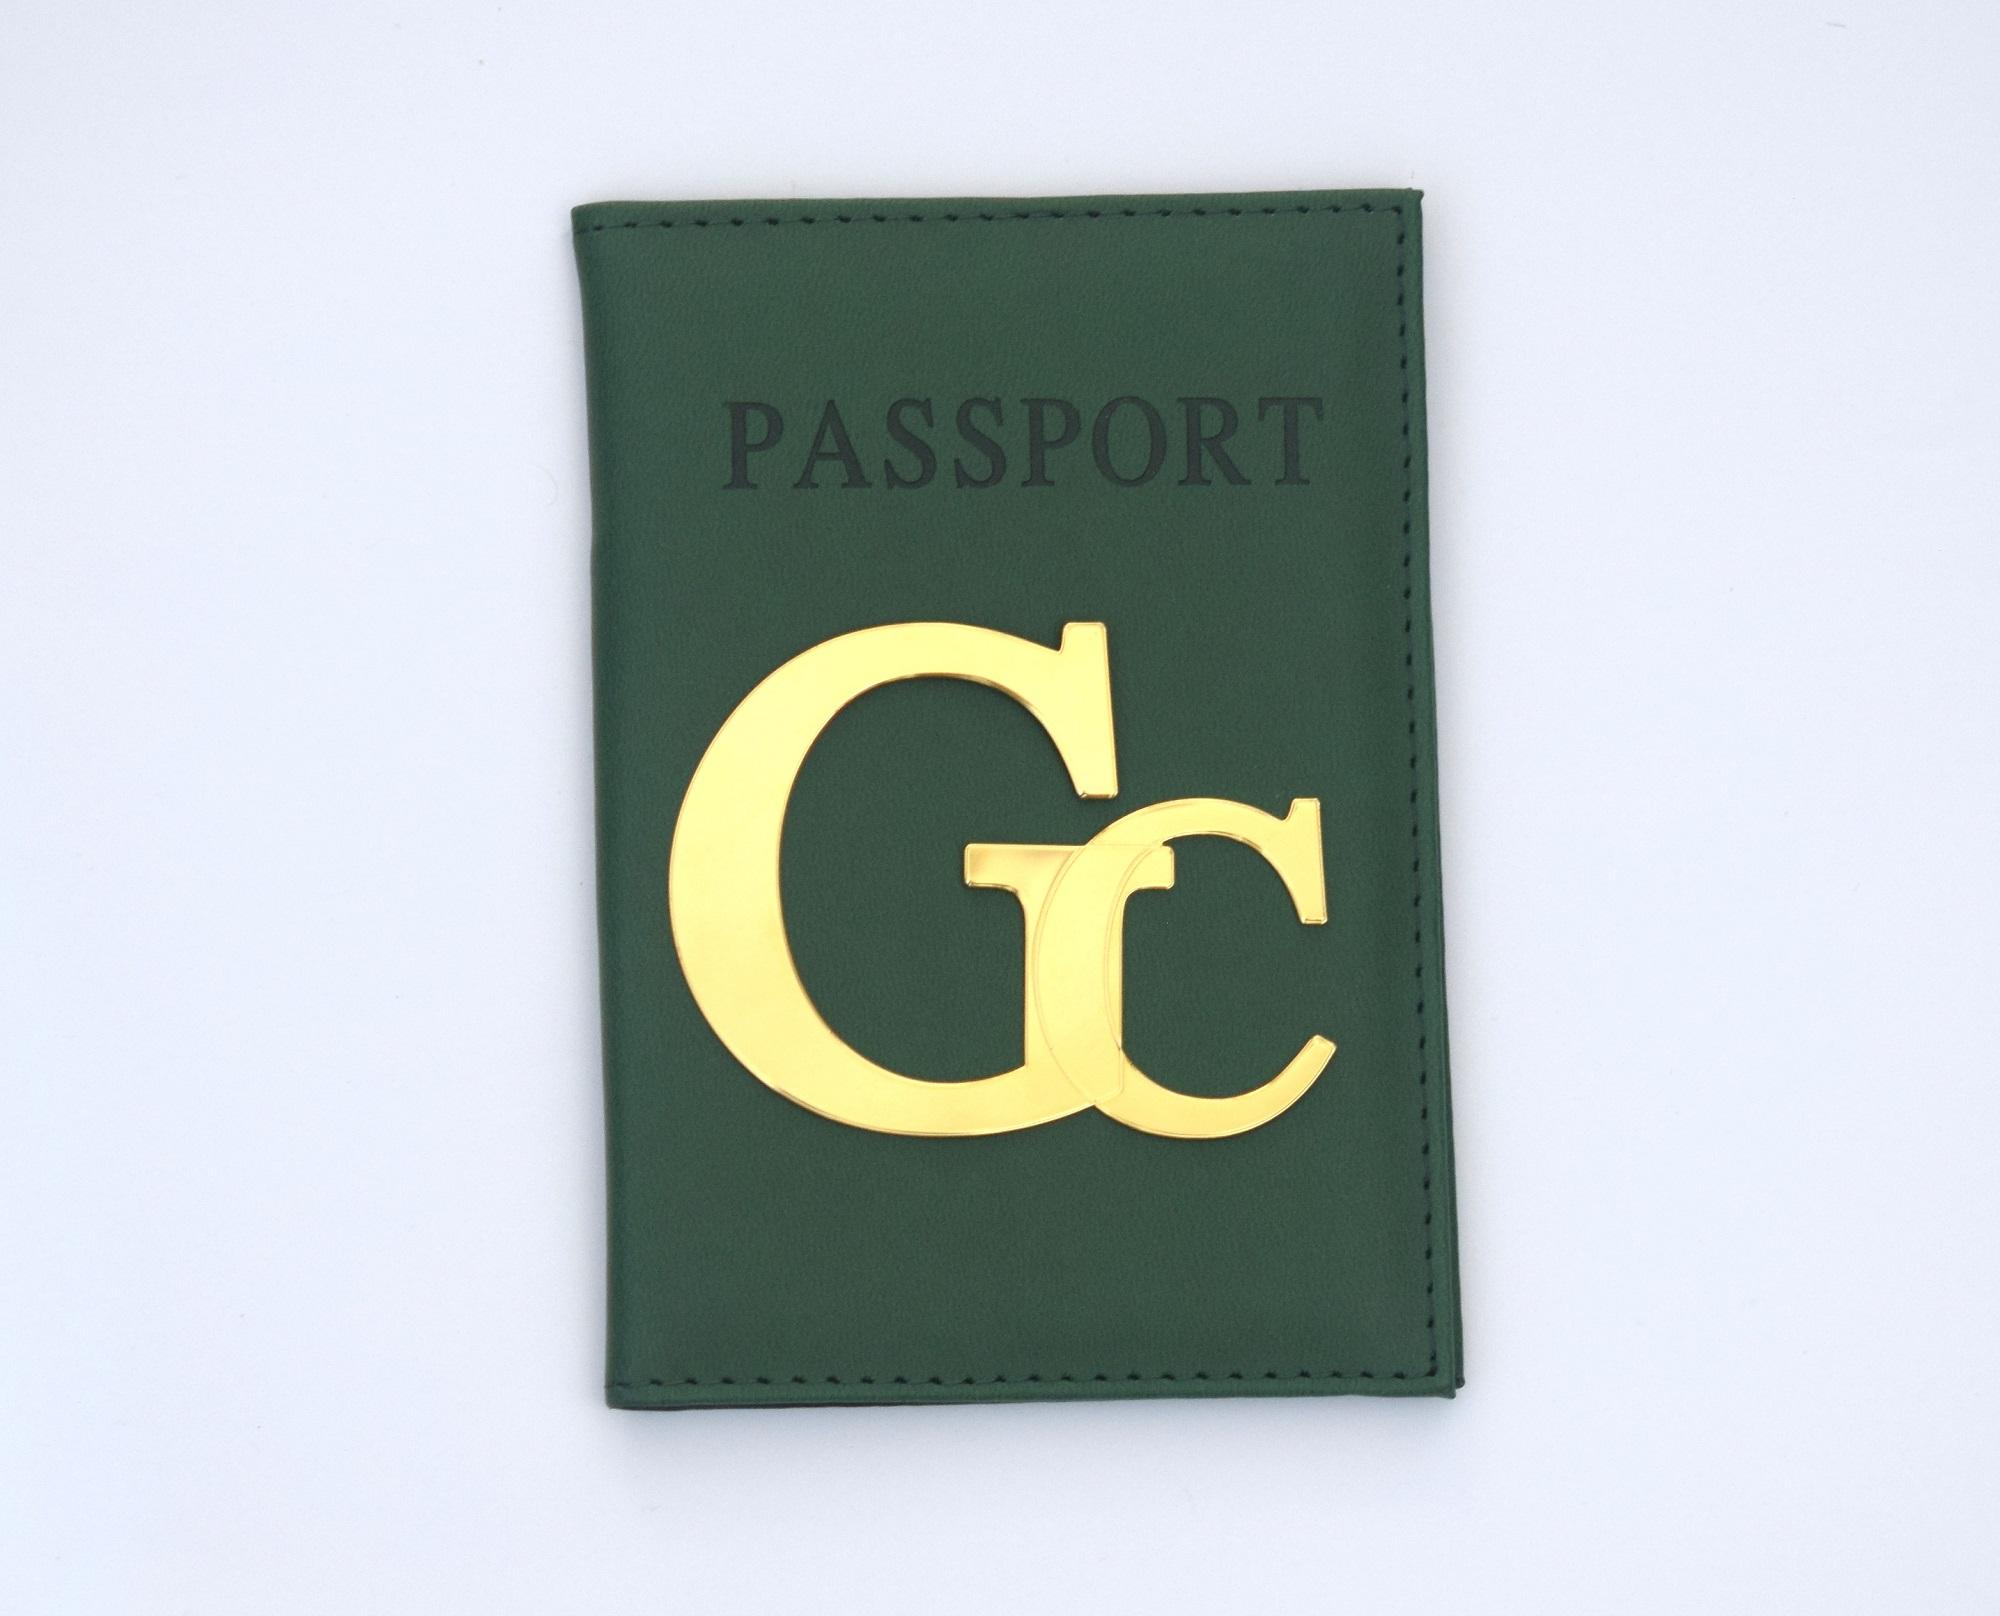 כיסוי לדרכון דמוי עור ירוק עם אותיות גדולות